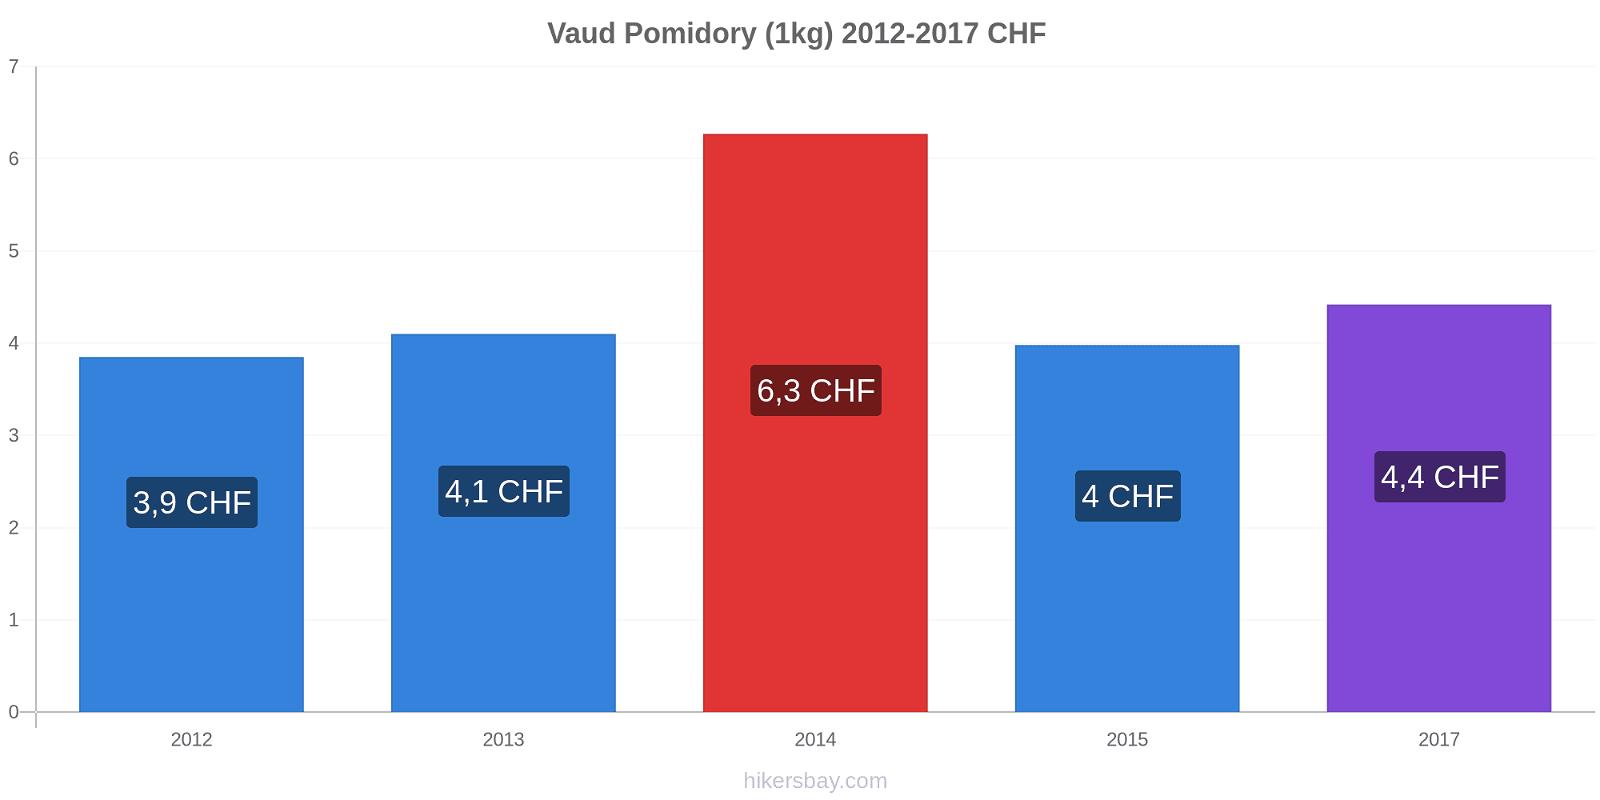 Vaud zmiany cen Pomidory (1kg) hikersbay.com